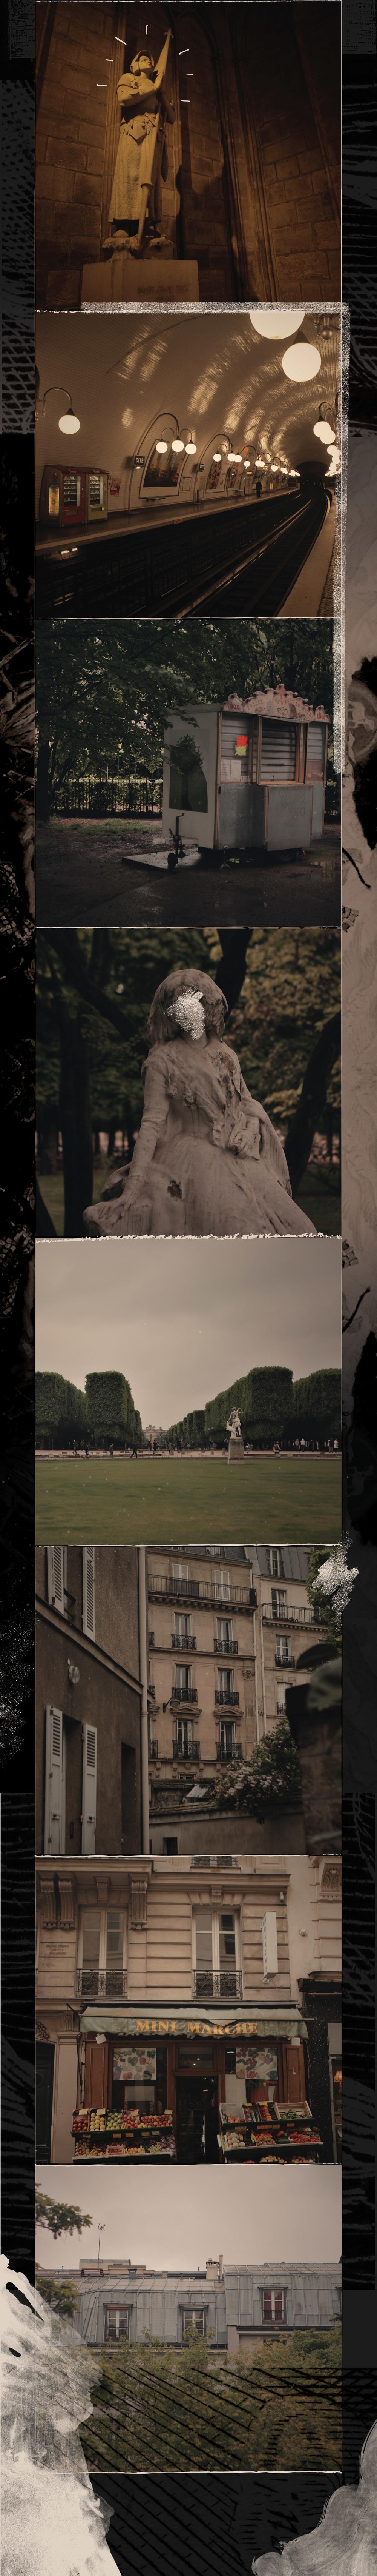 paris_d-01.jpg